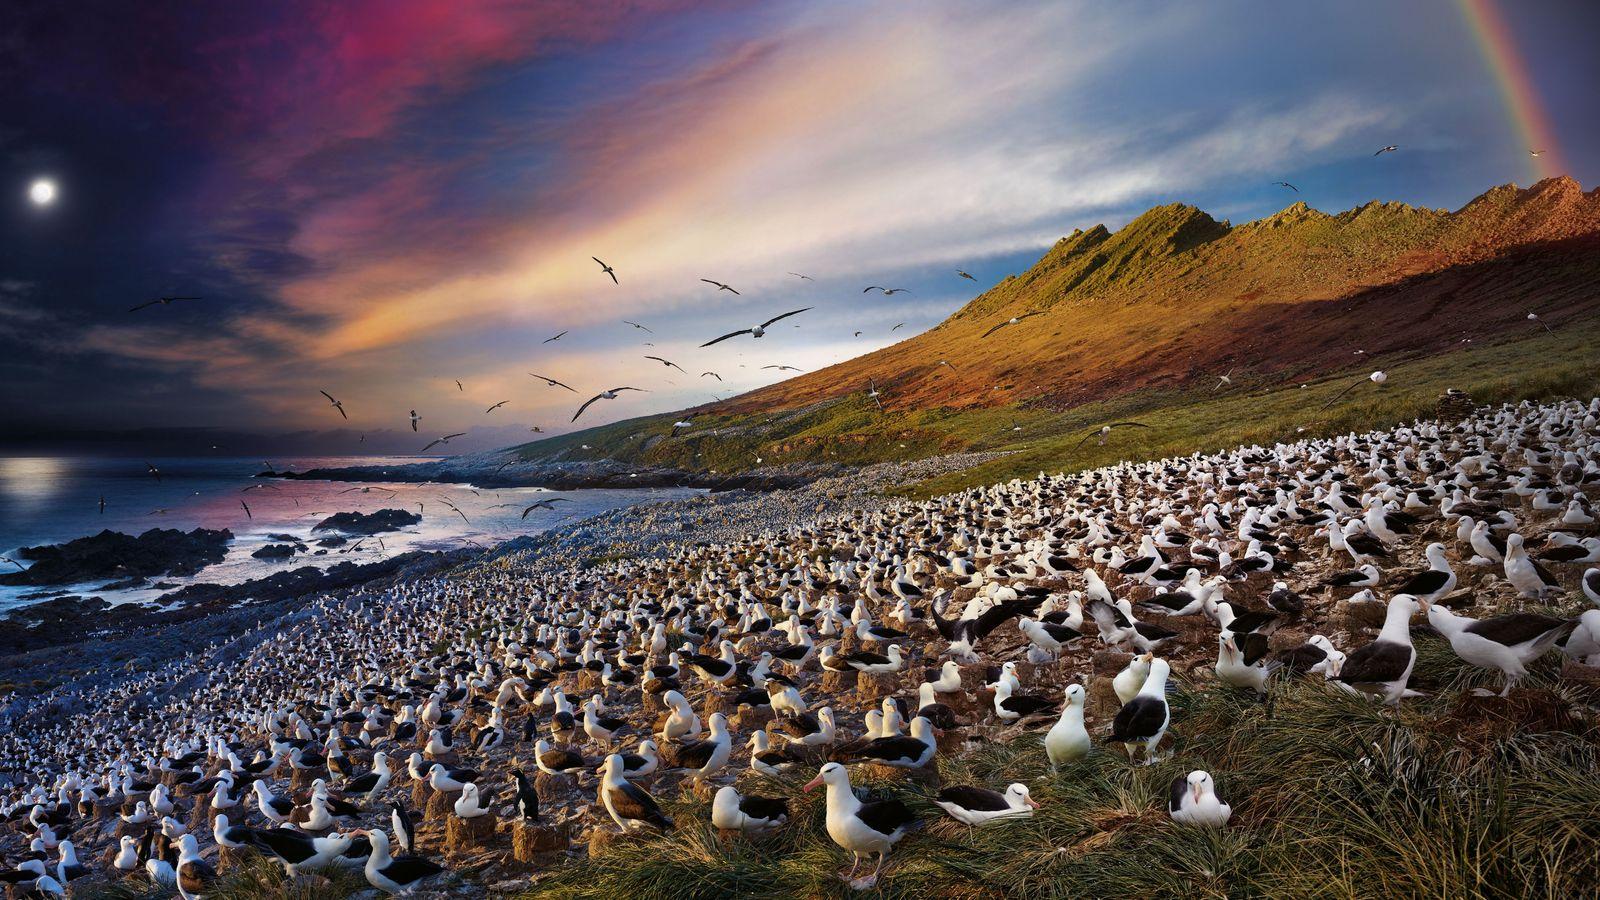 Les albatros s'installent près de la mer, dans l'île Steeple Jason de l'archipel des Malouines, partageant ...